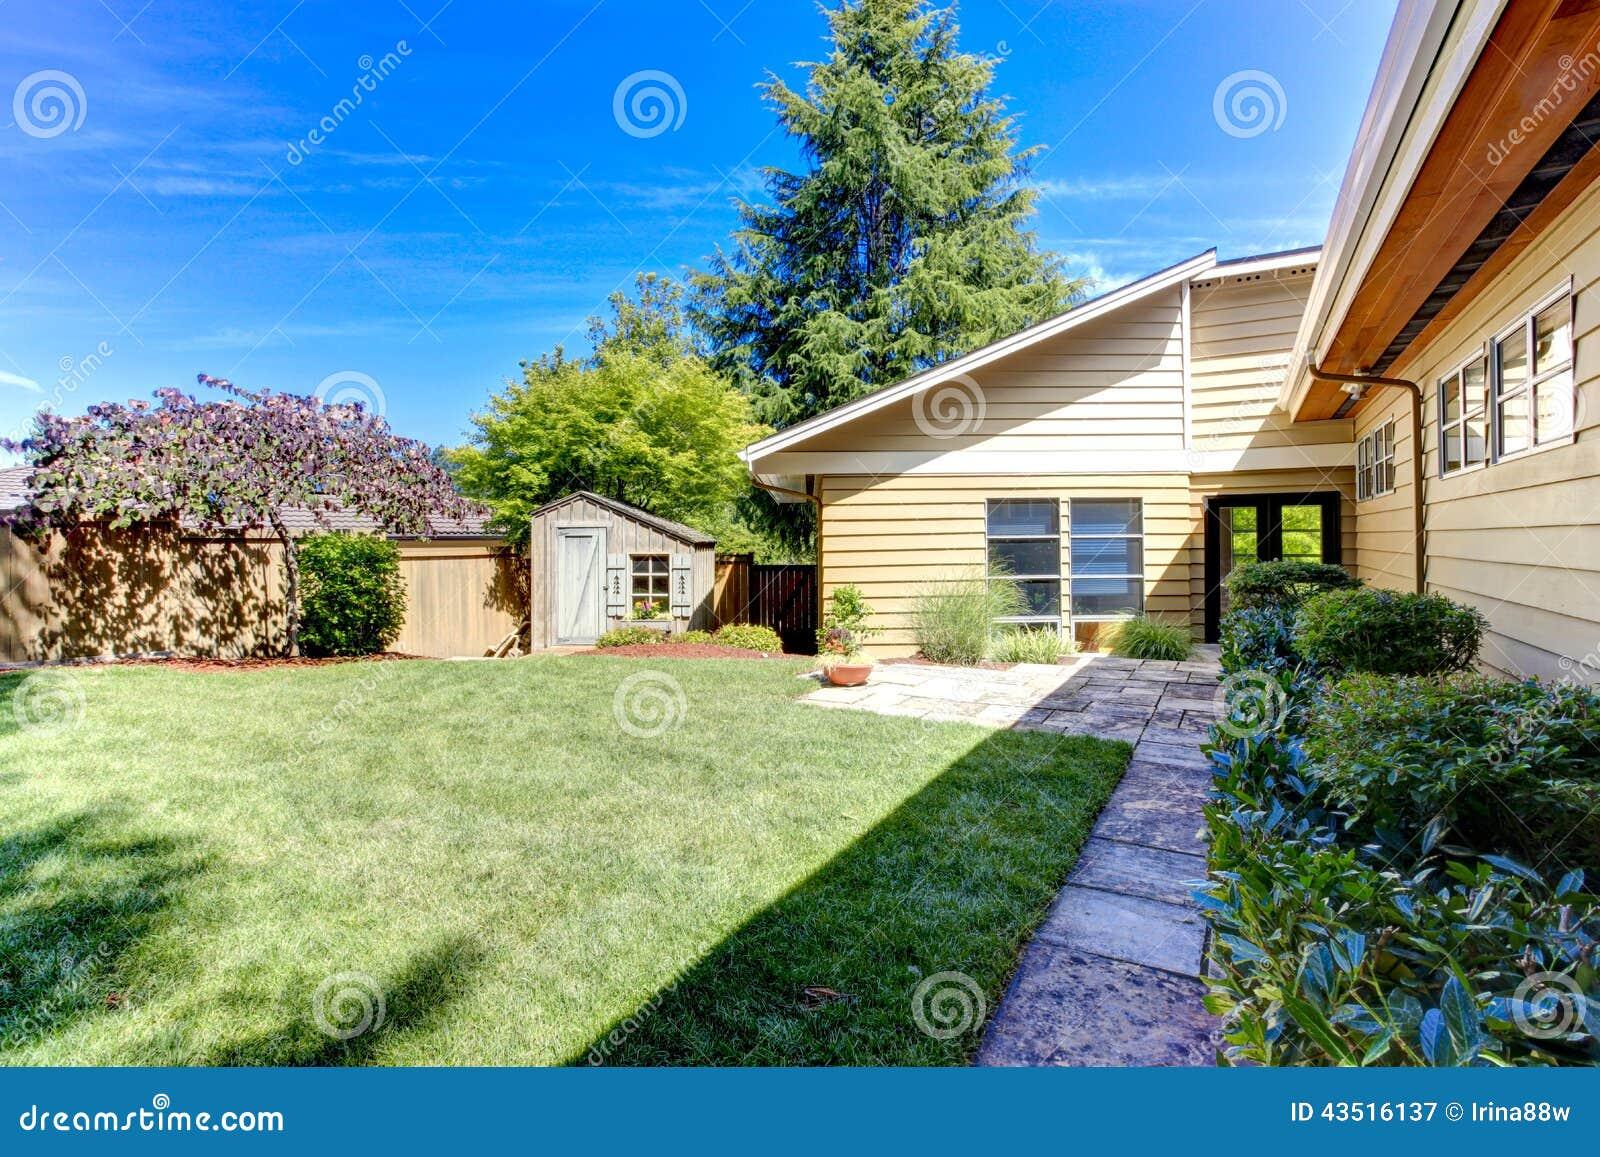 D co le petit jardin yes saint denis 2613 le dauphine le bon coin 13 le parisien oise - Le petit jardin quilt pattern calais ...